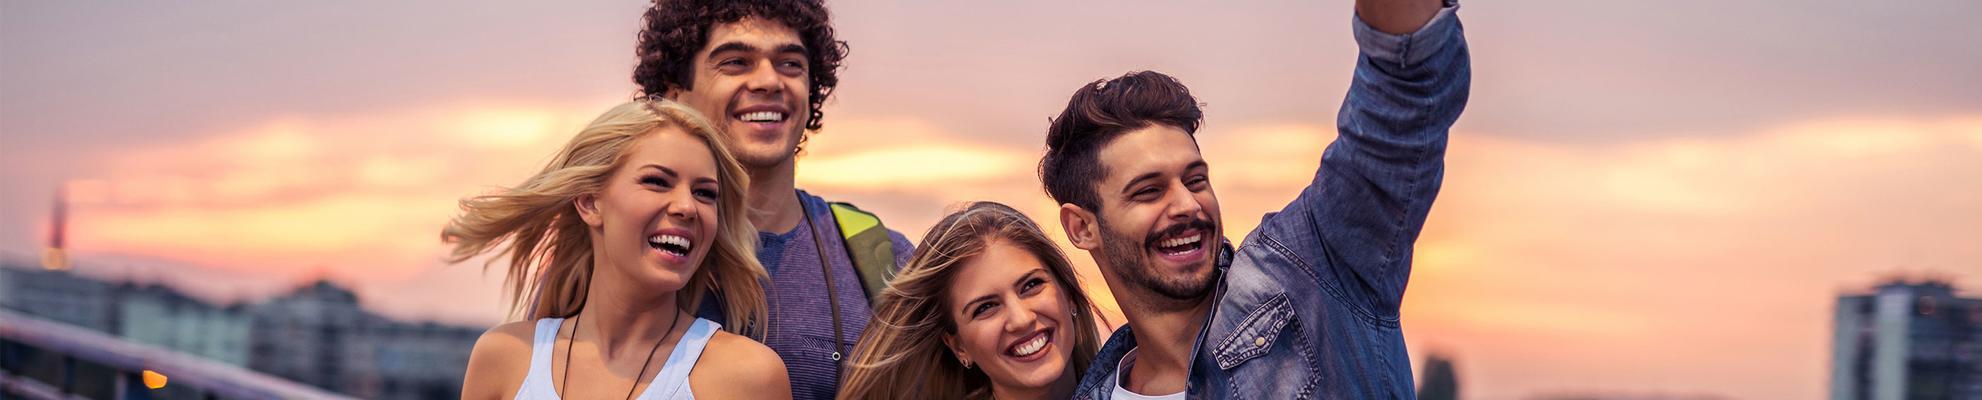 Um grupo de amigos sorrindo